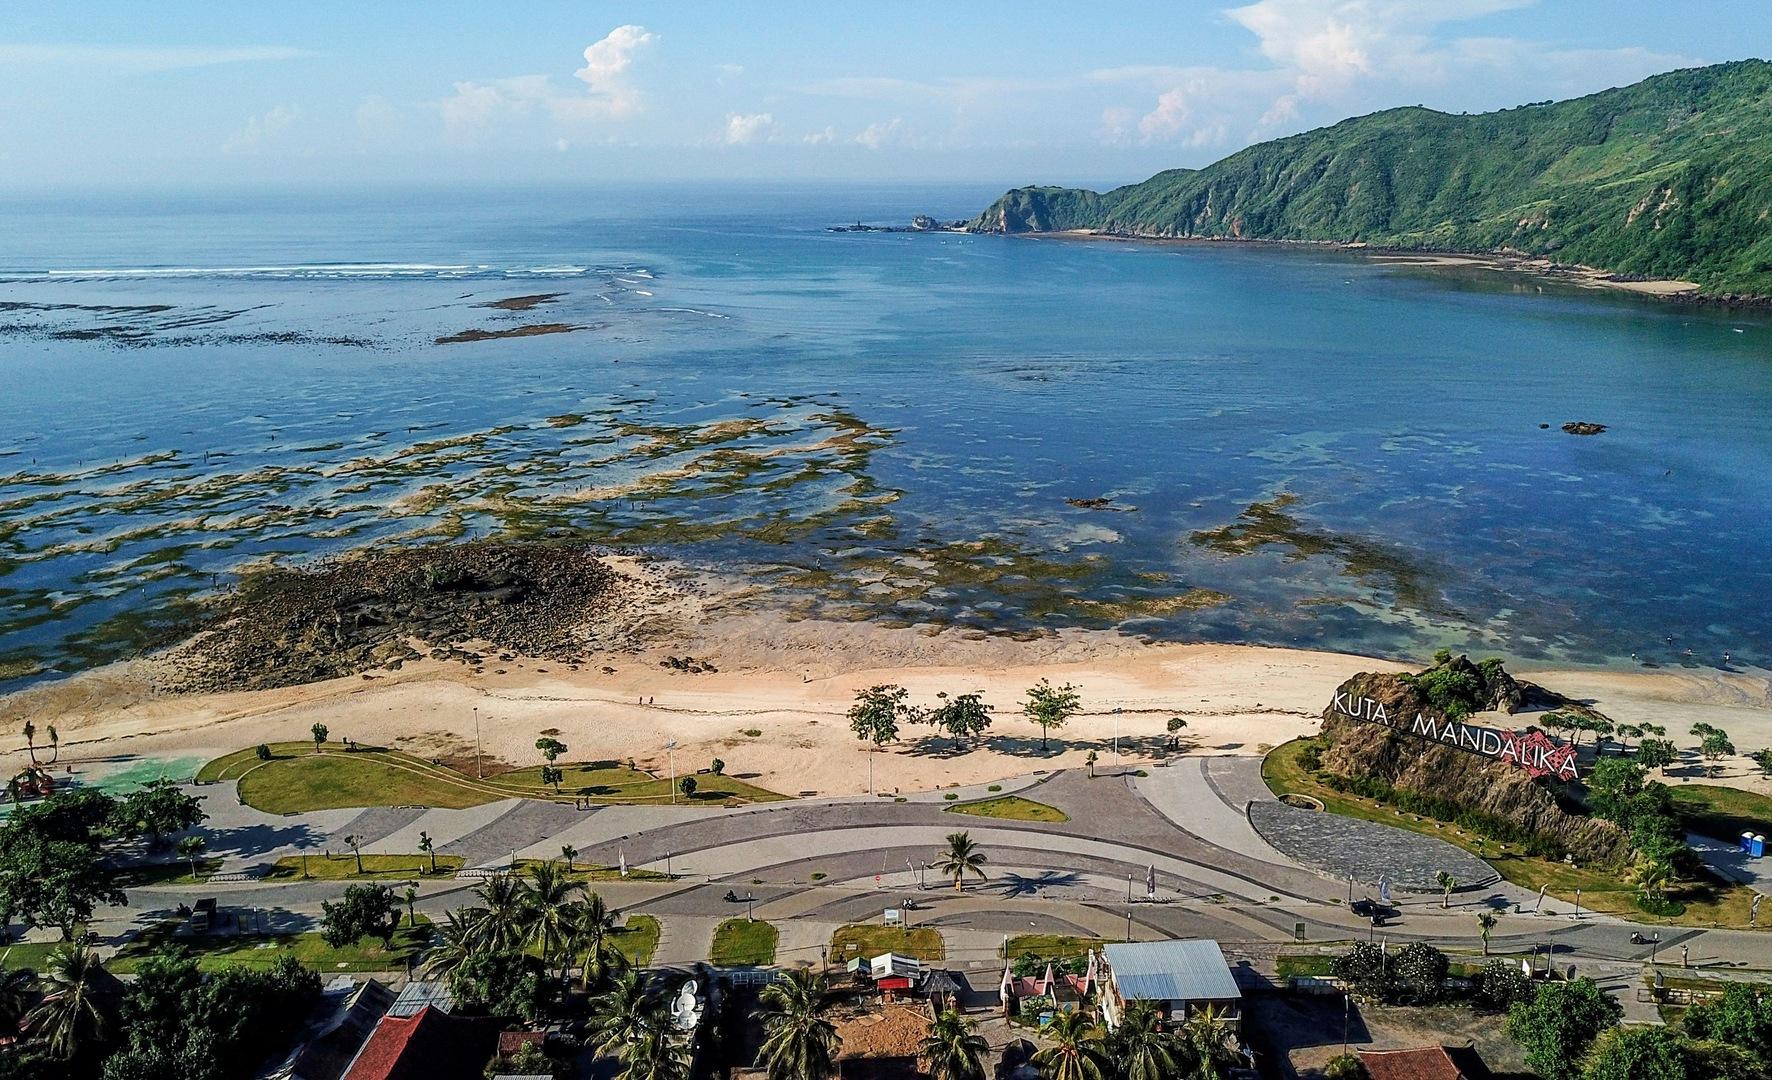 إندونيسيا تستضيف أول سباق للدراجات النارية